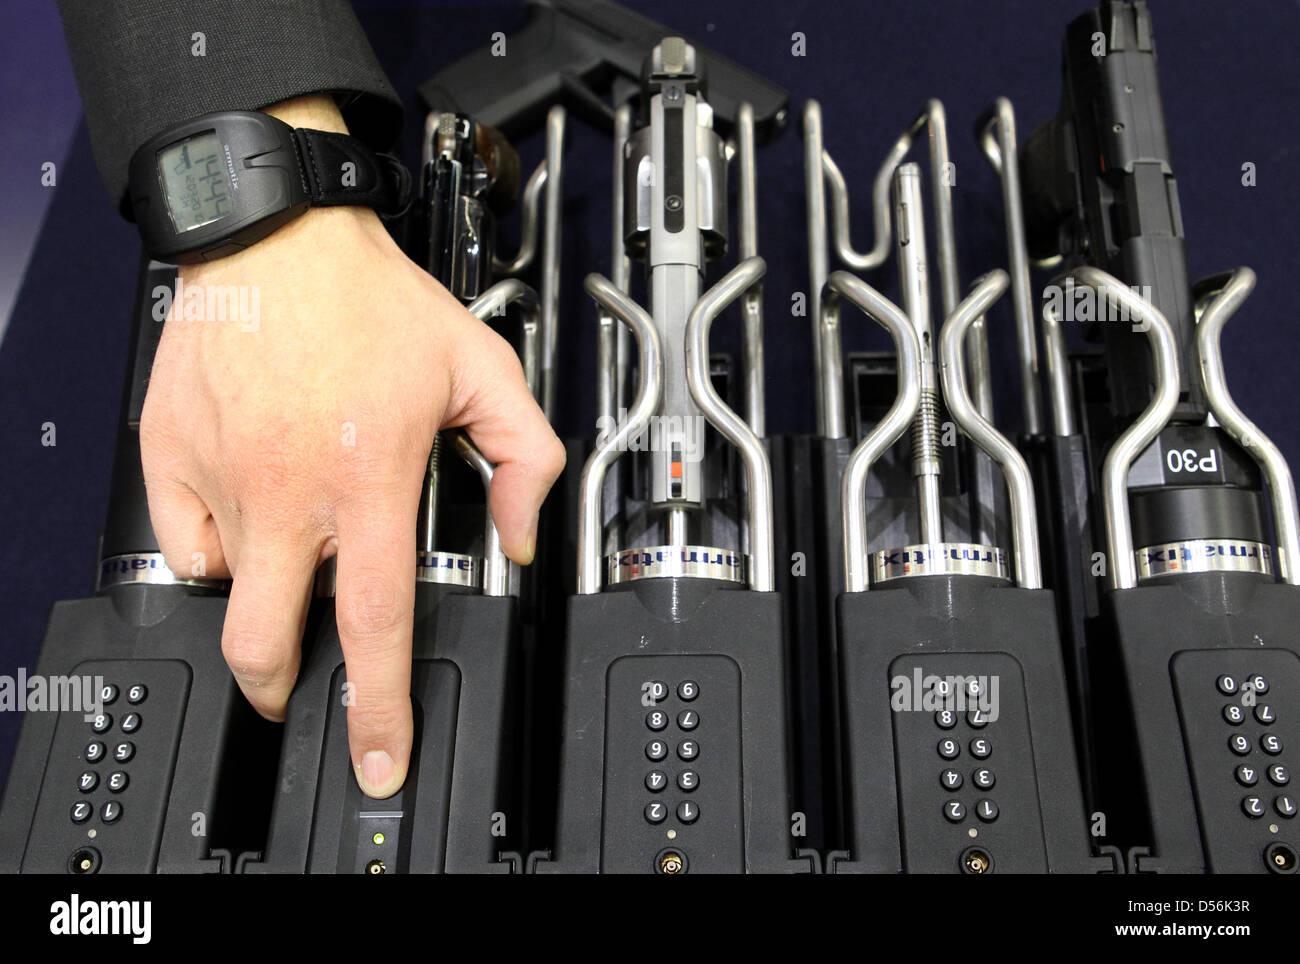 Das Sicherheits-Rangiersystem für Handfeuerwaffen des deutschen Herstellers Armatrix ist am Freitag (12.03.2010) - Stock Image